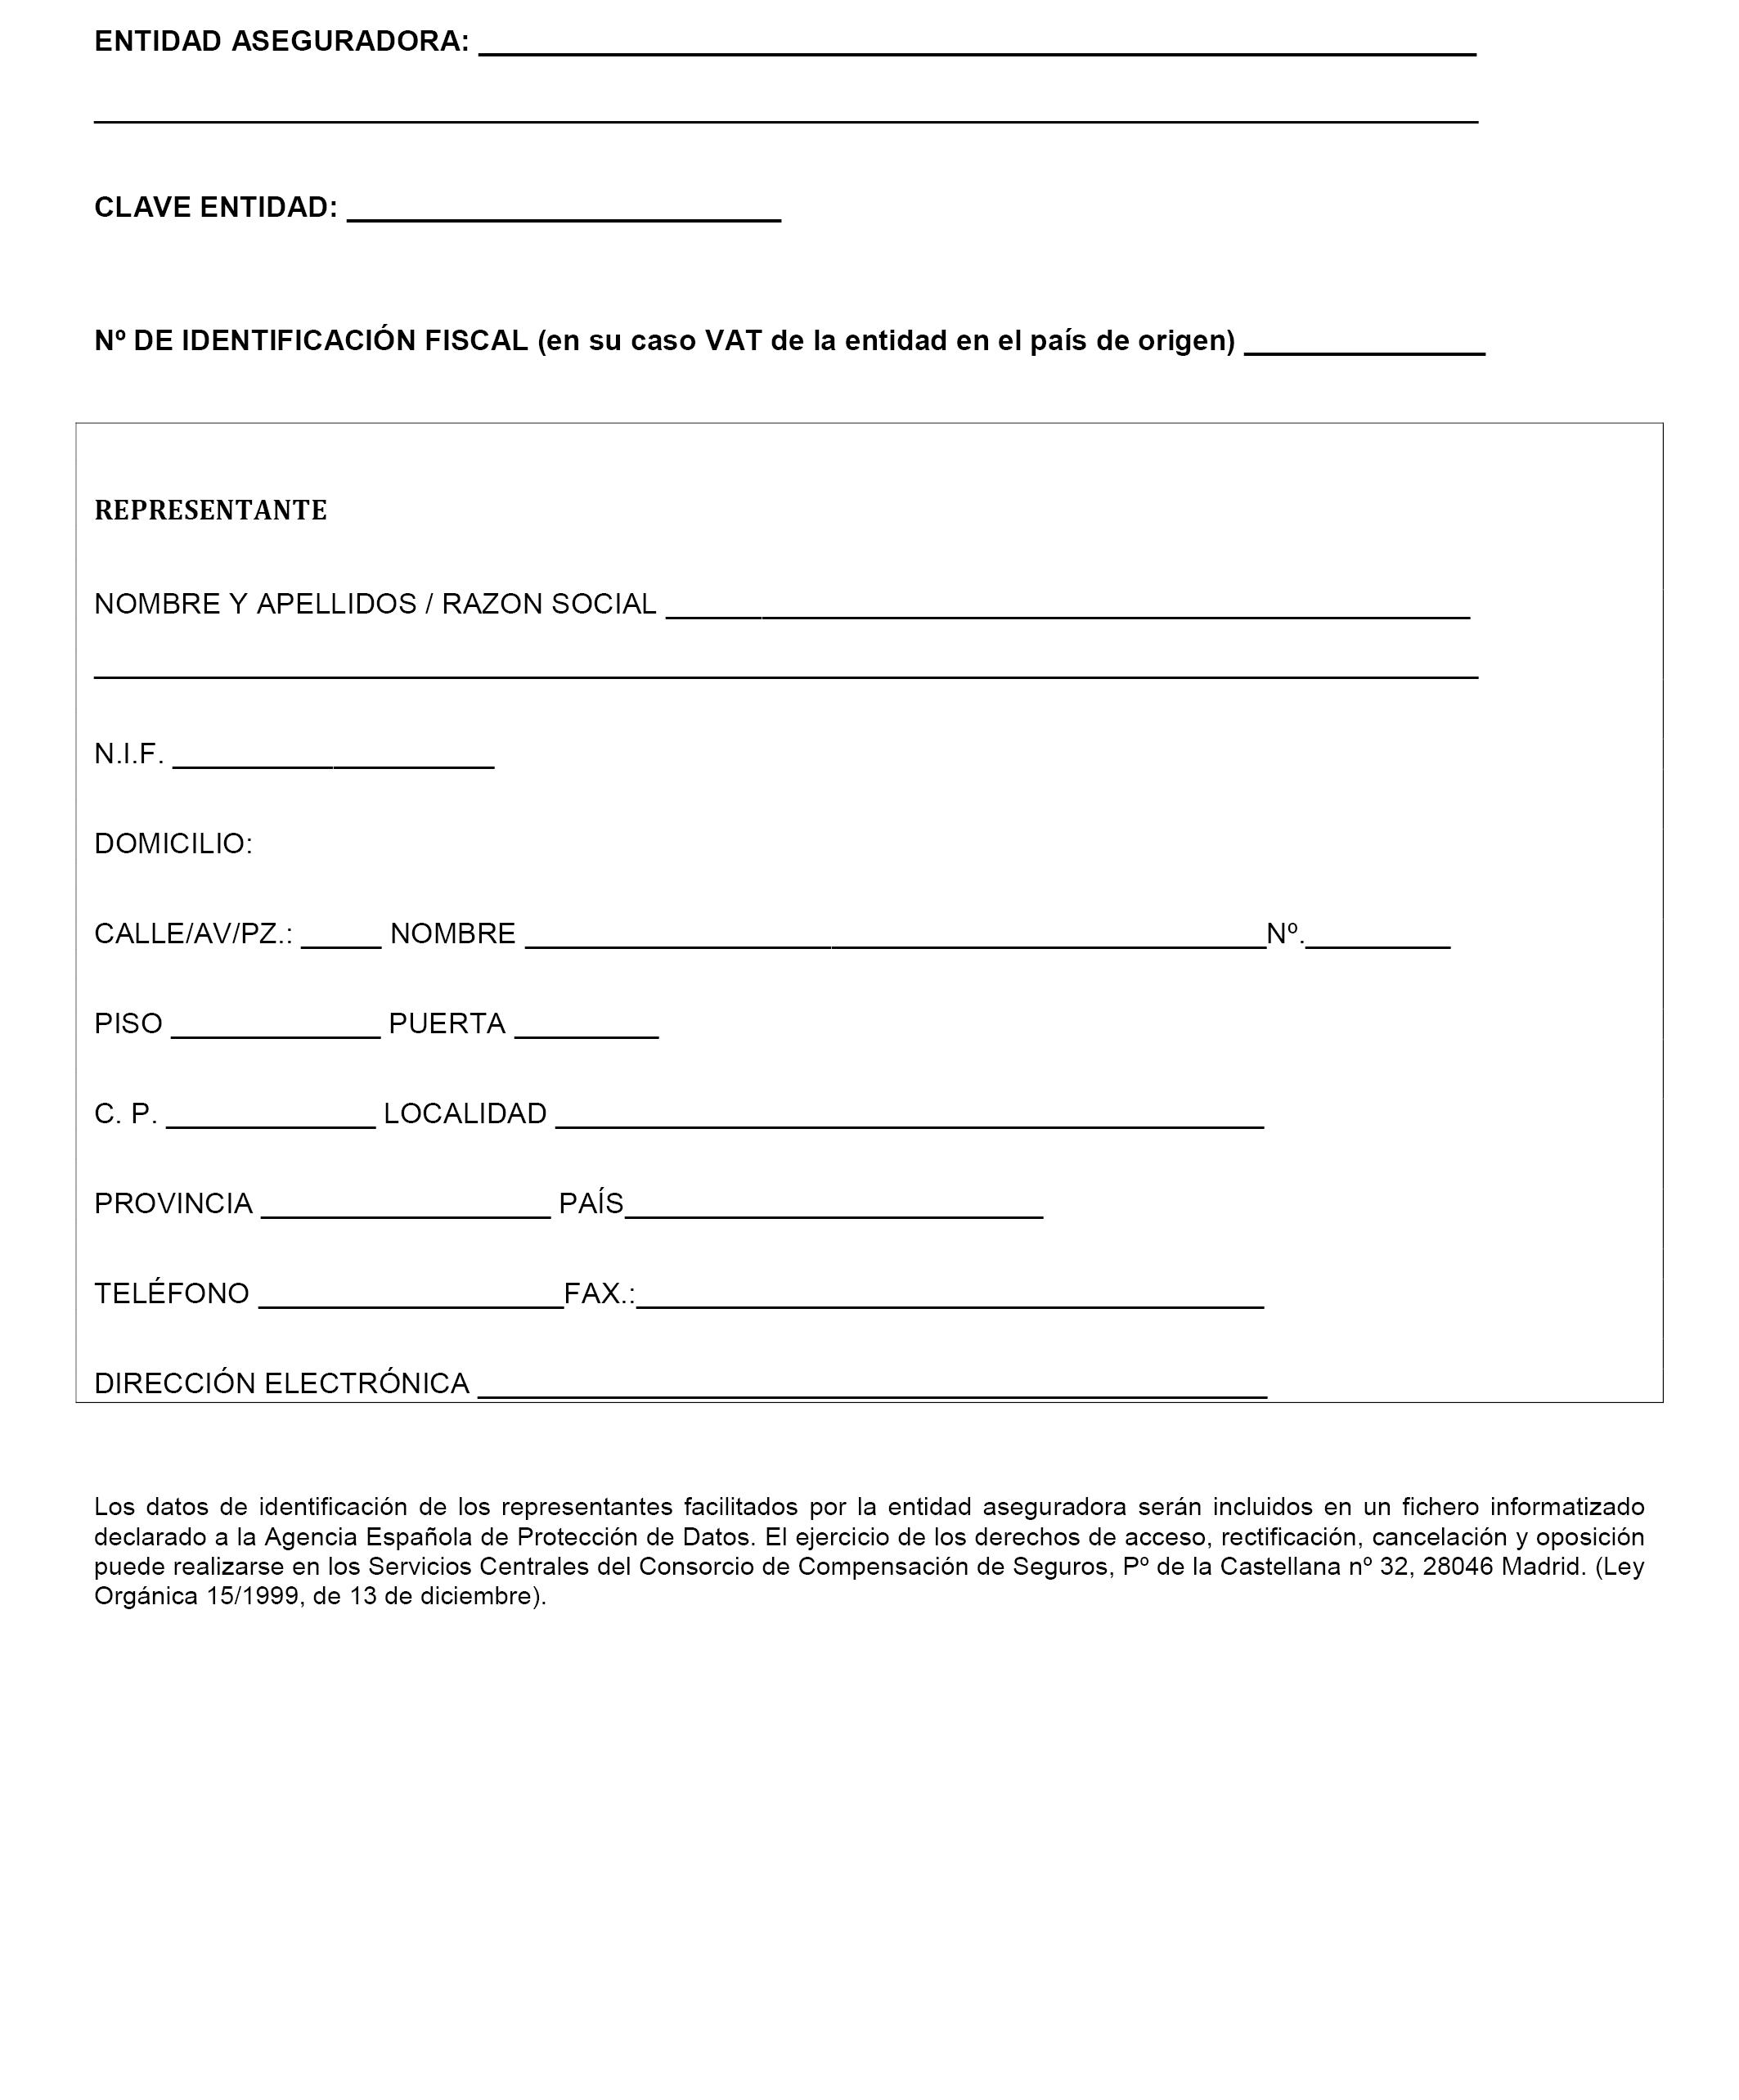 carta por solicitud de anulación